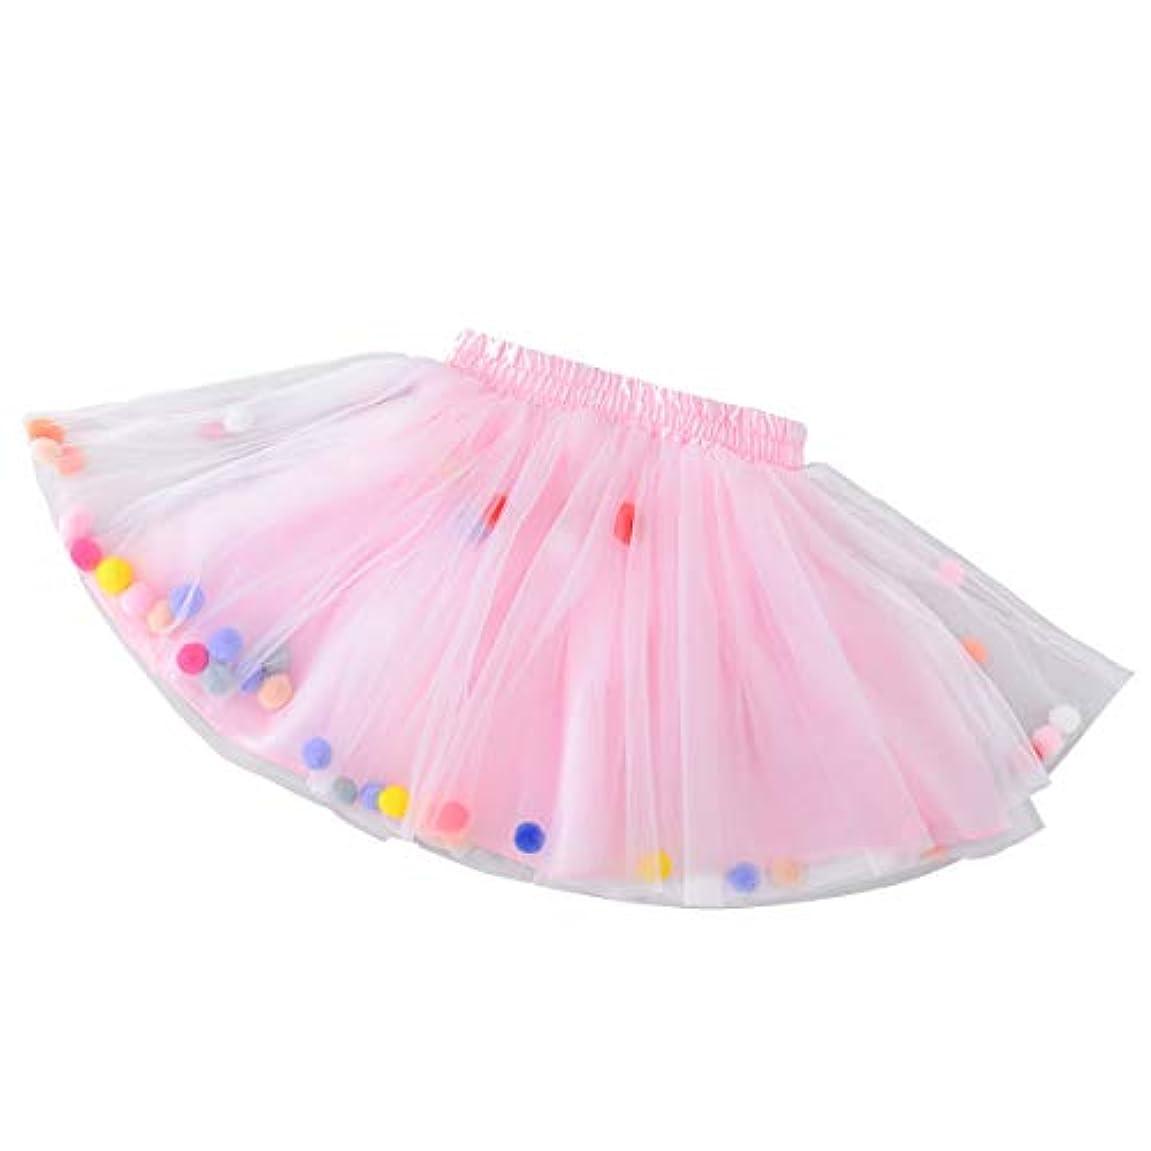 オンスクランプ知覚的YeahiBaby 子供チュチュスカートラブリーピンクミディスカートカラフルなファジィボールガーゼスカートプリンセスドレス衣装用女の子(サイズm)